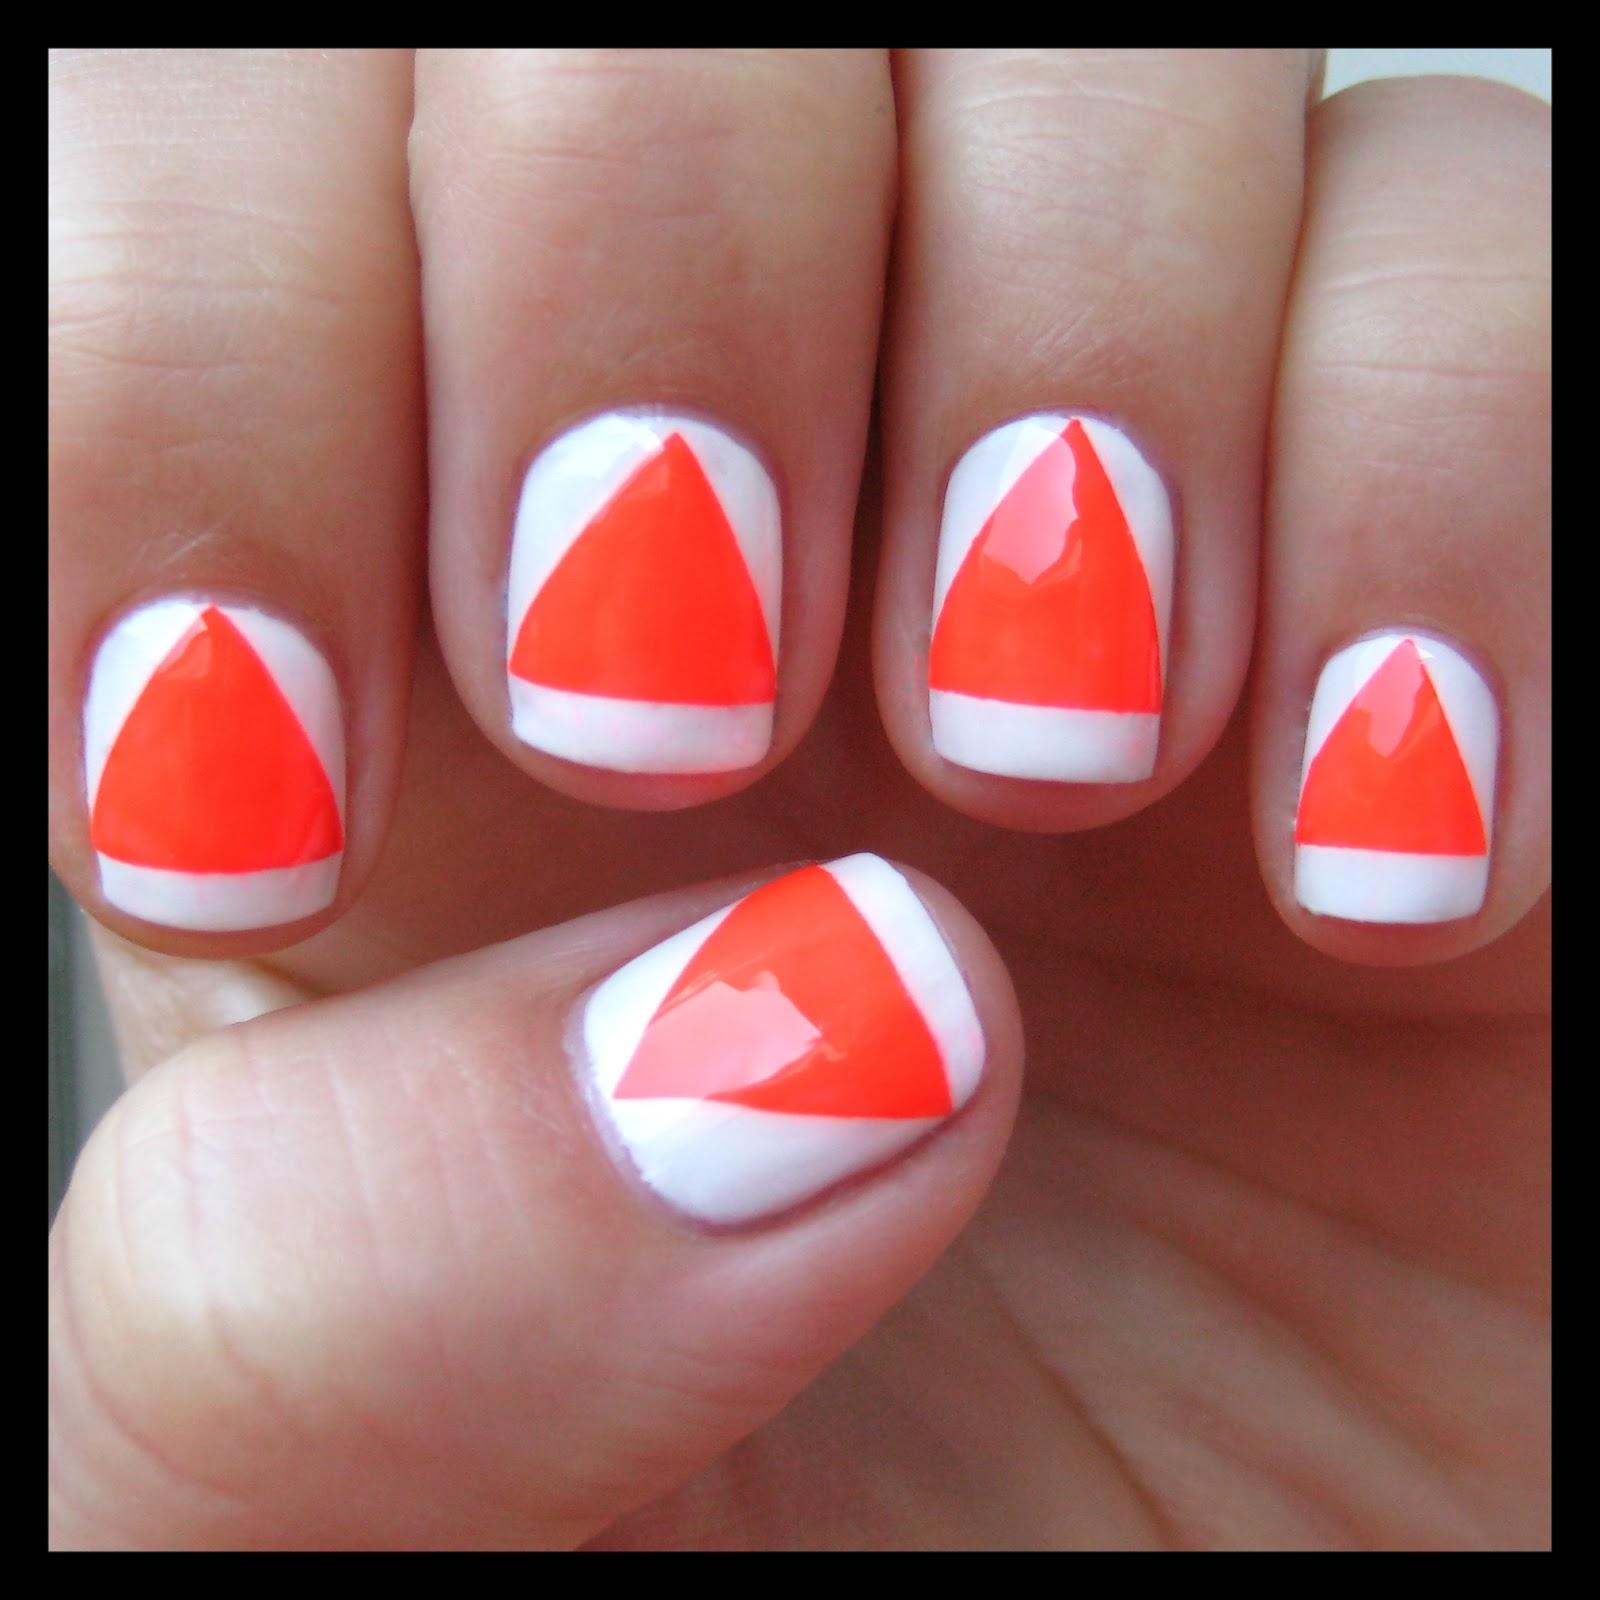 Dahlia Nails: Nail Art Feb: Simple